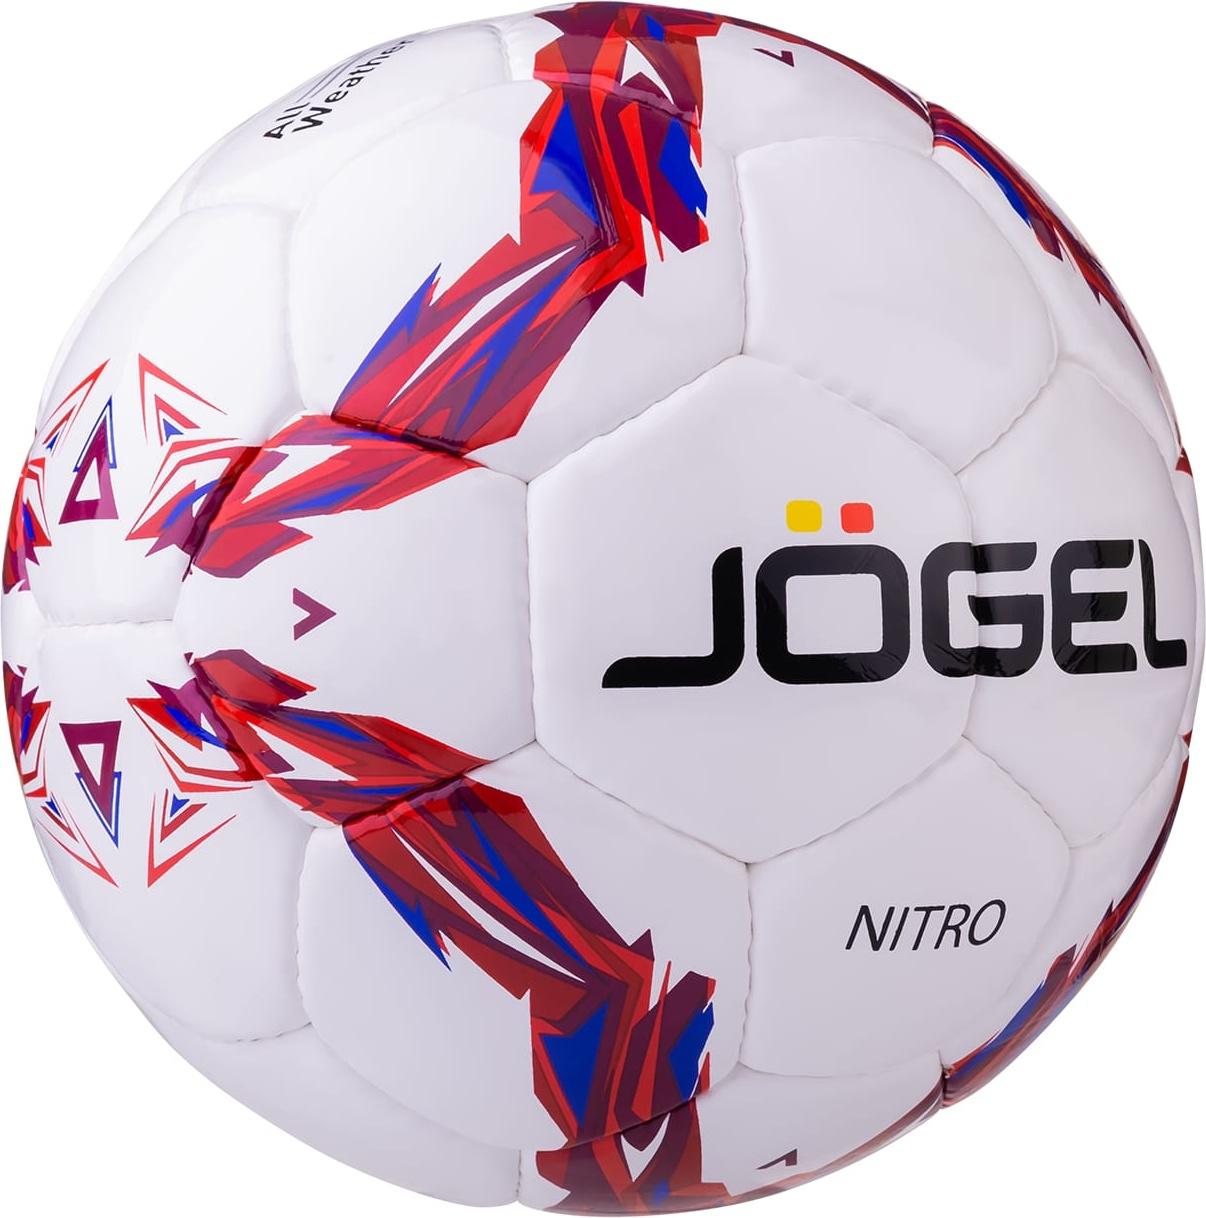 Мяч футбольный Jogel JS 710 Nitro №5